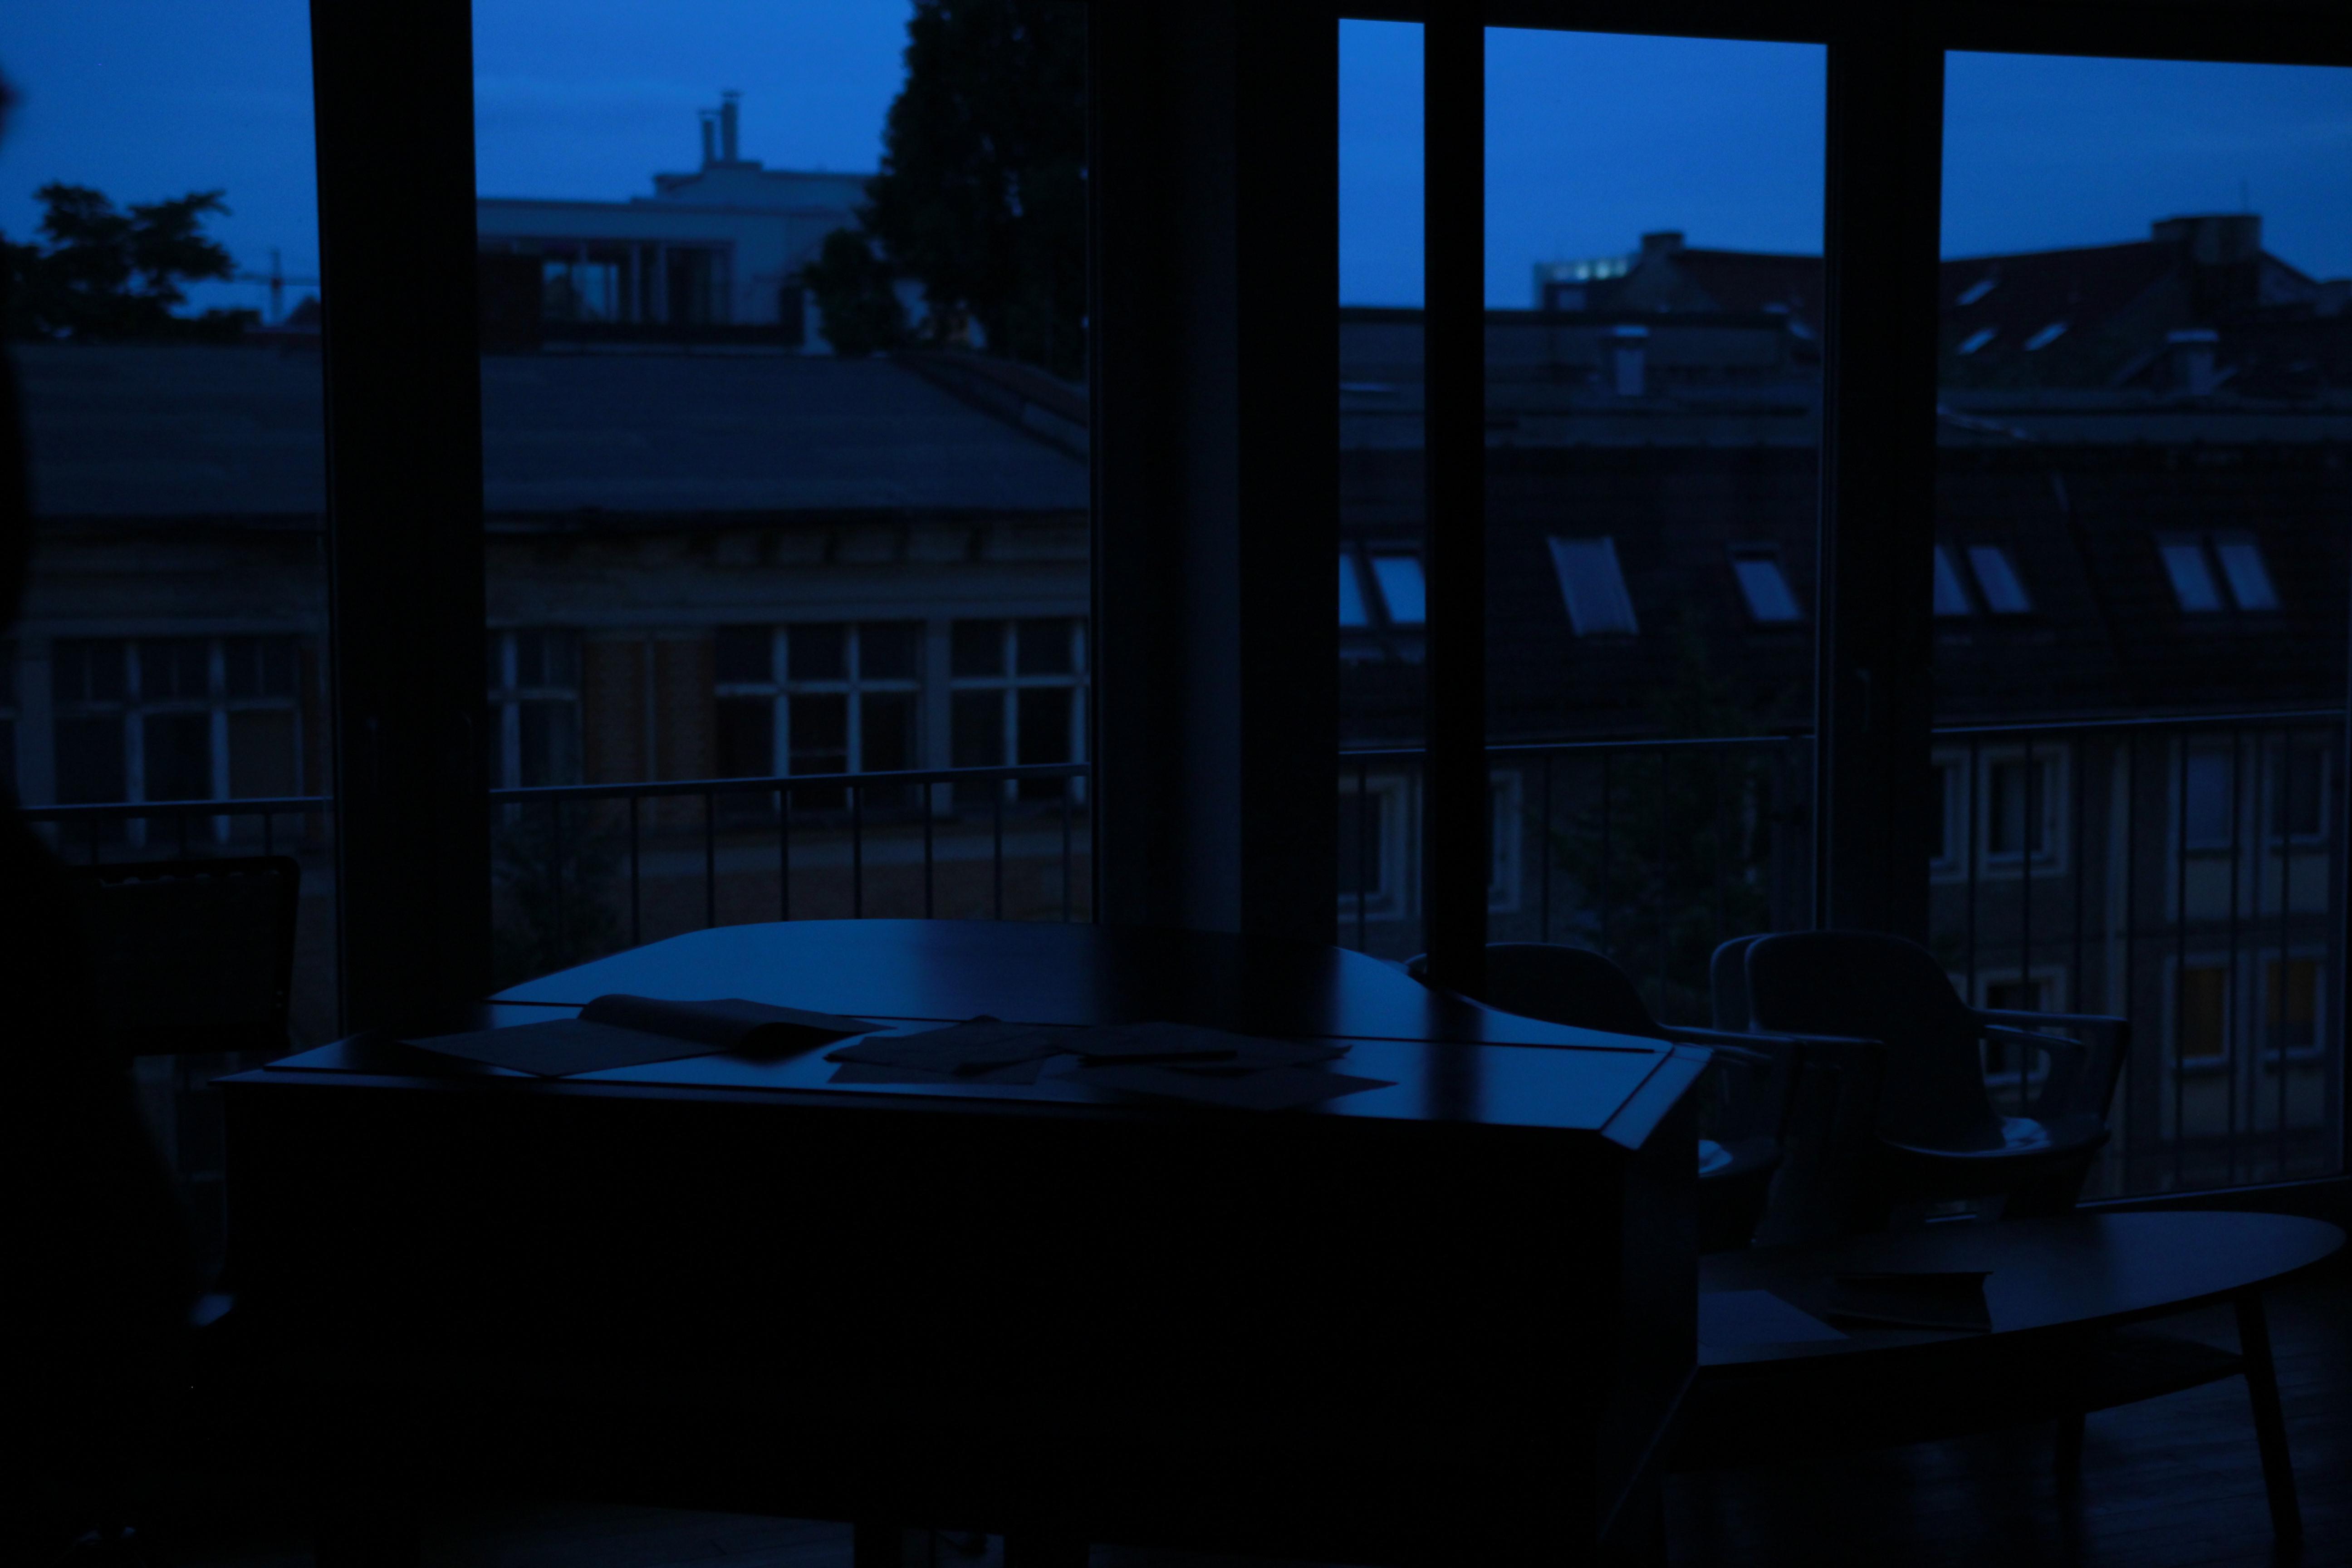 Night apartment